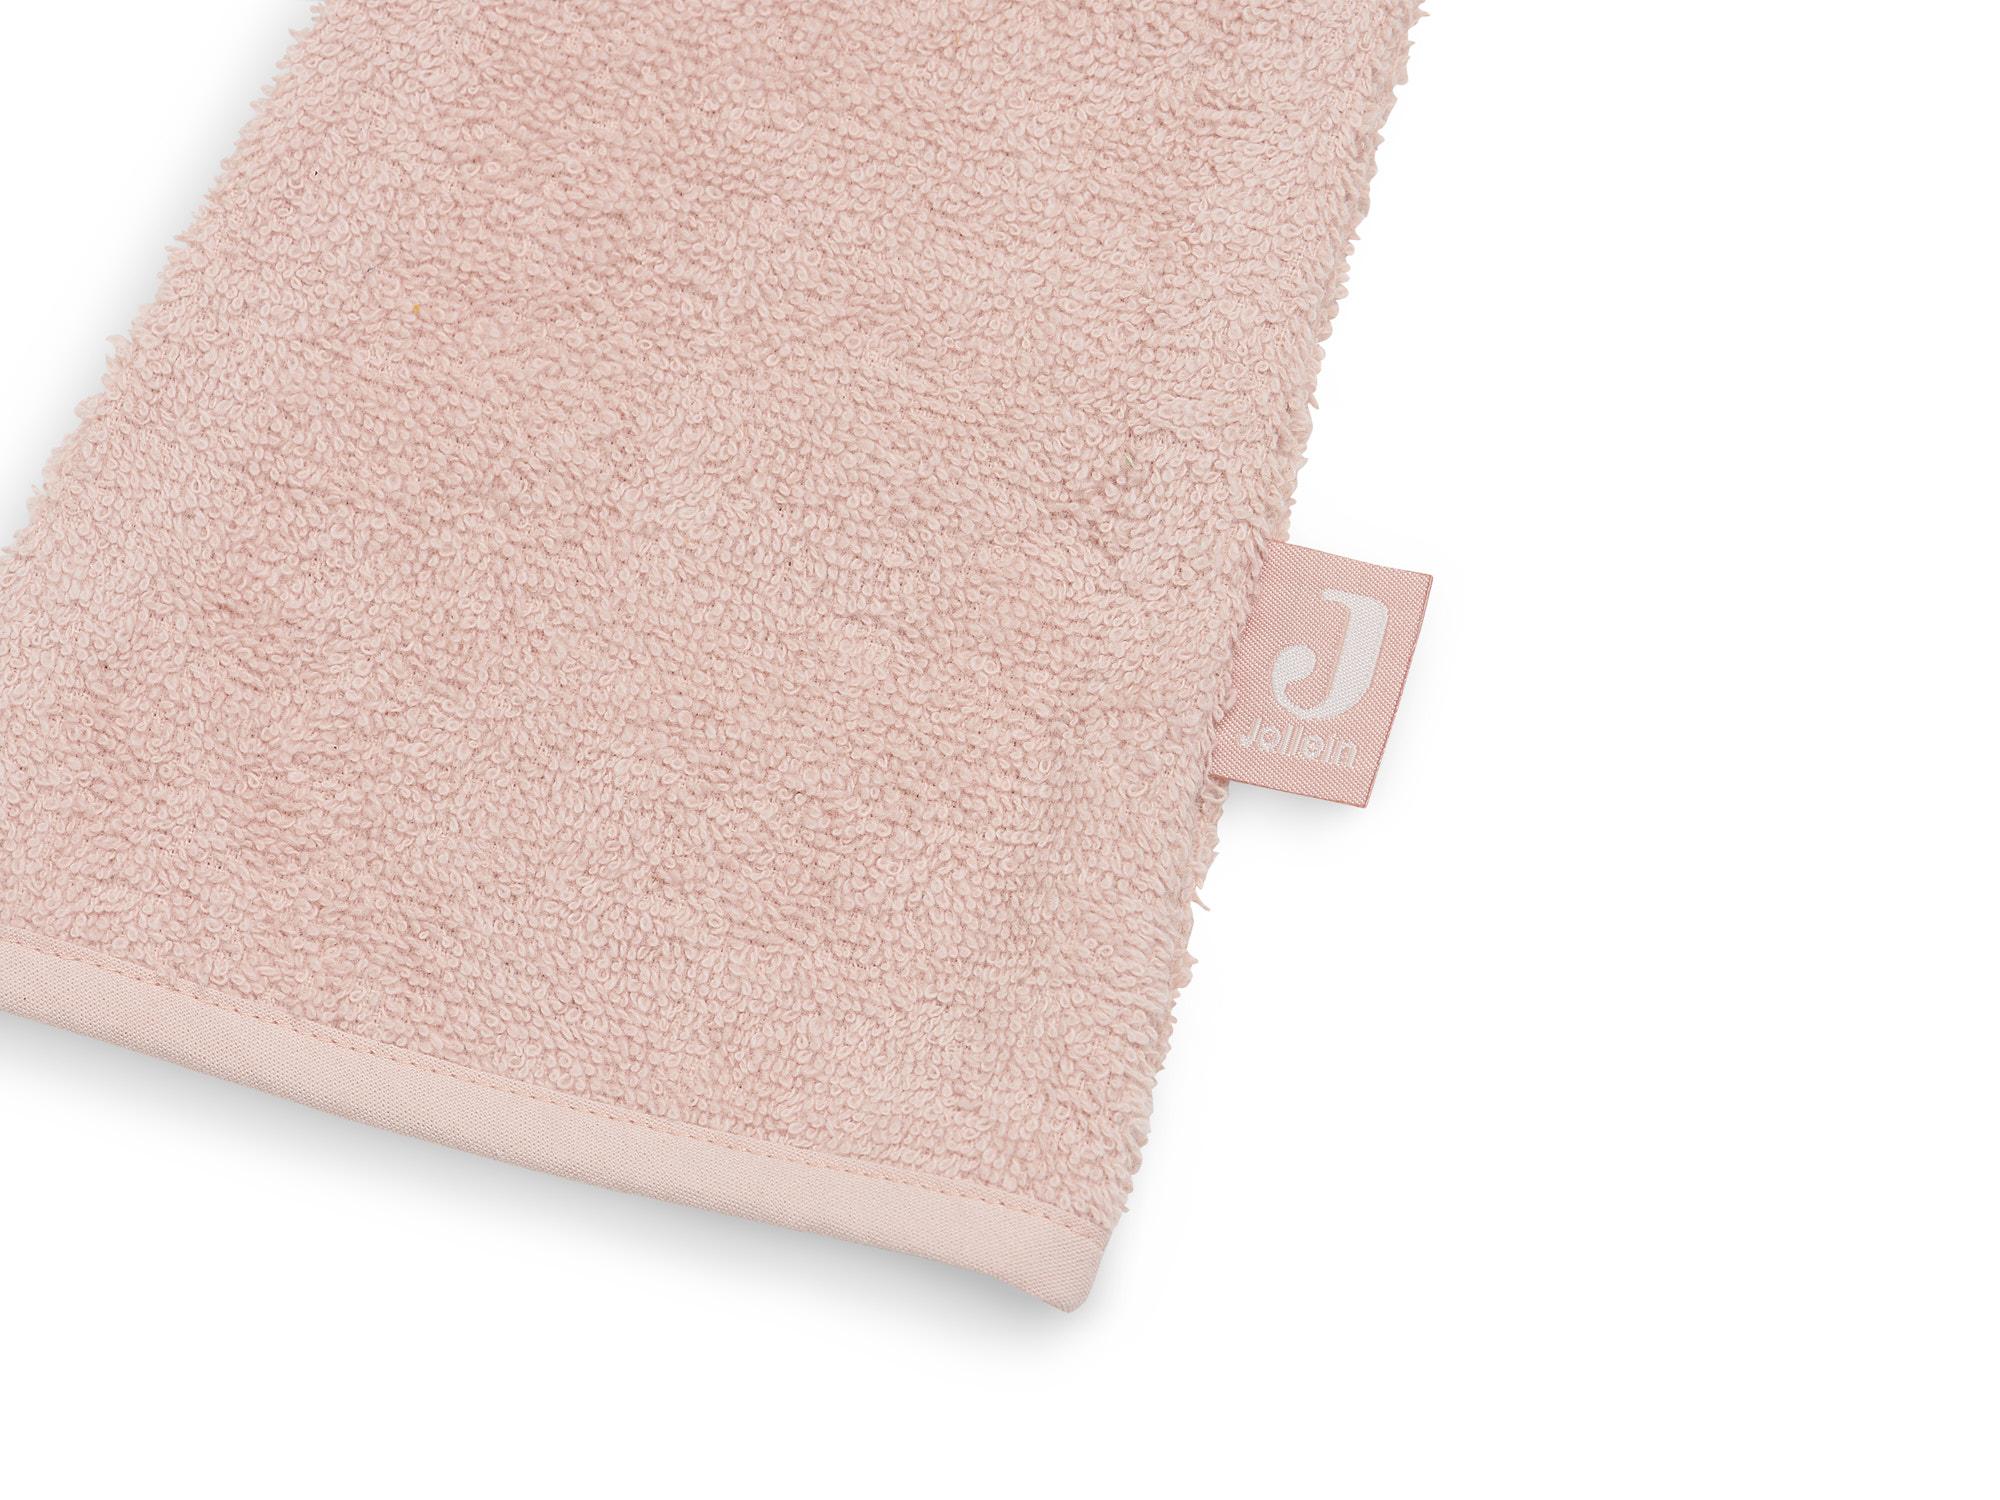 Afbeelding Jollein Washand badstof I Pale Pink